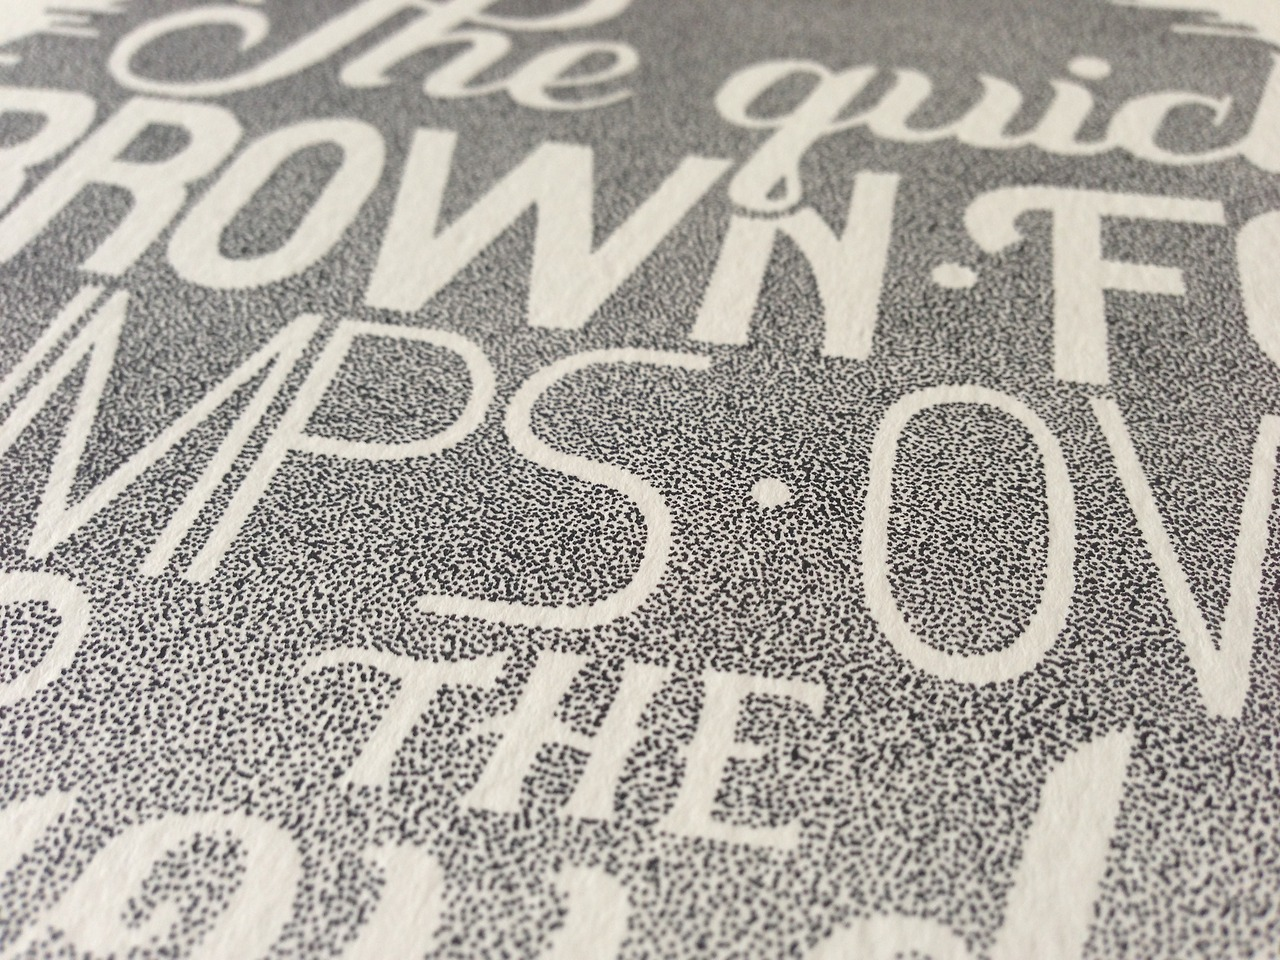 xavier-casalta-typography-oldskull-6